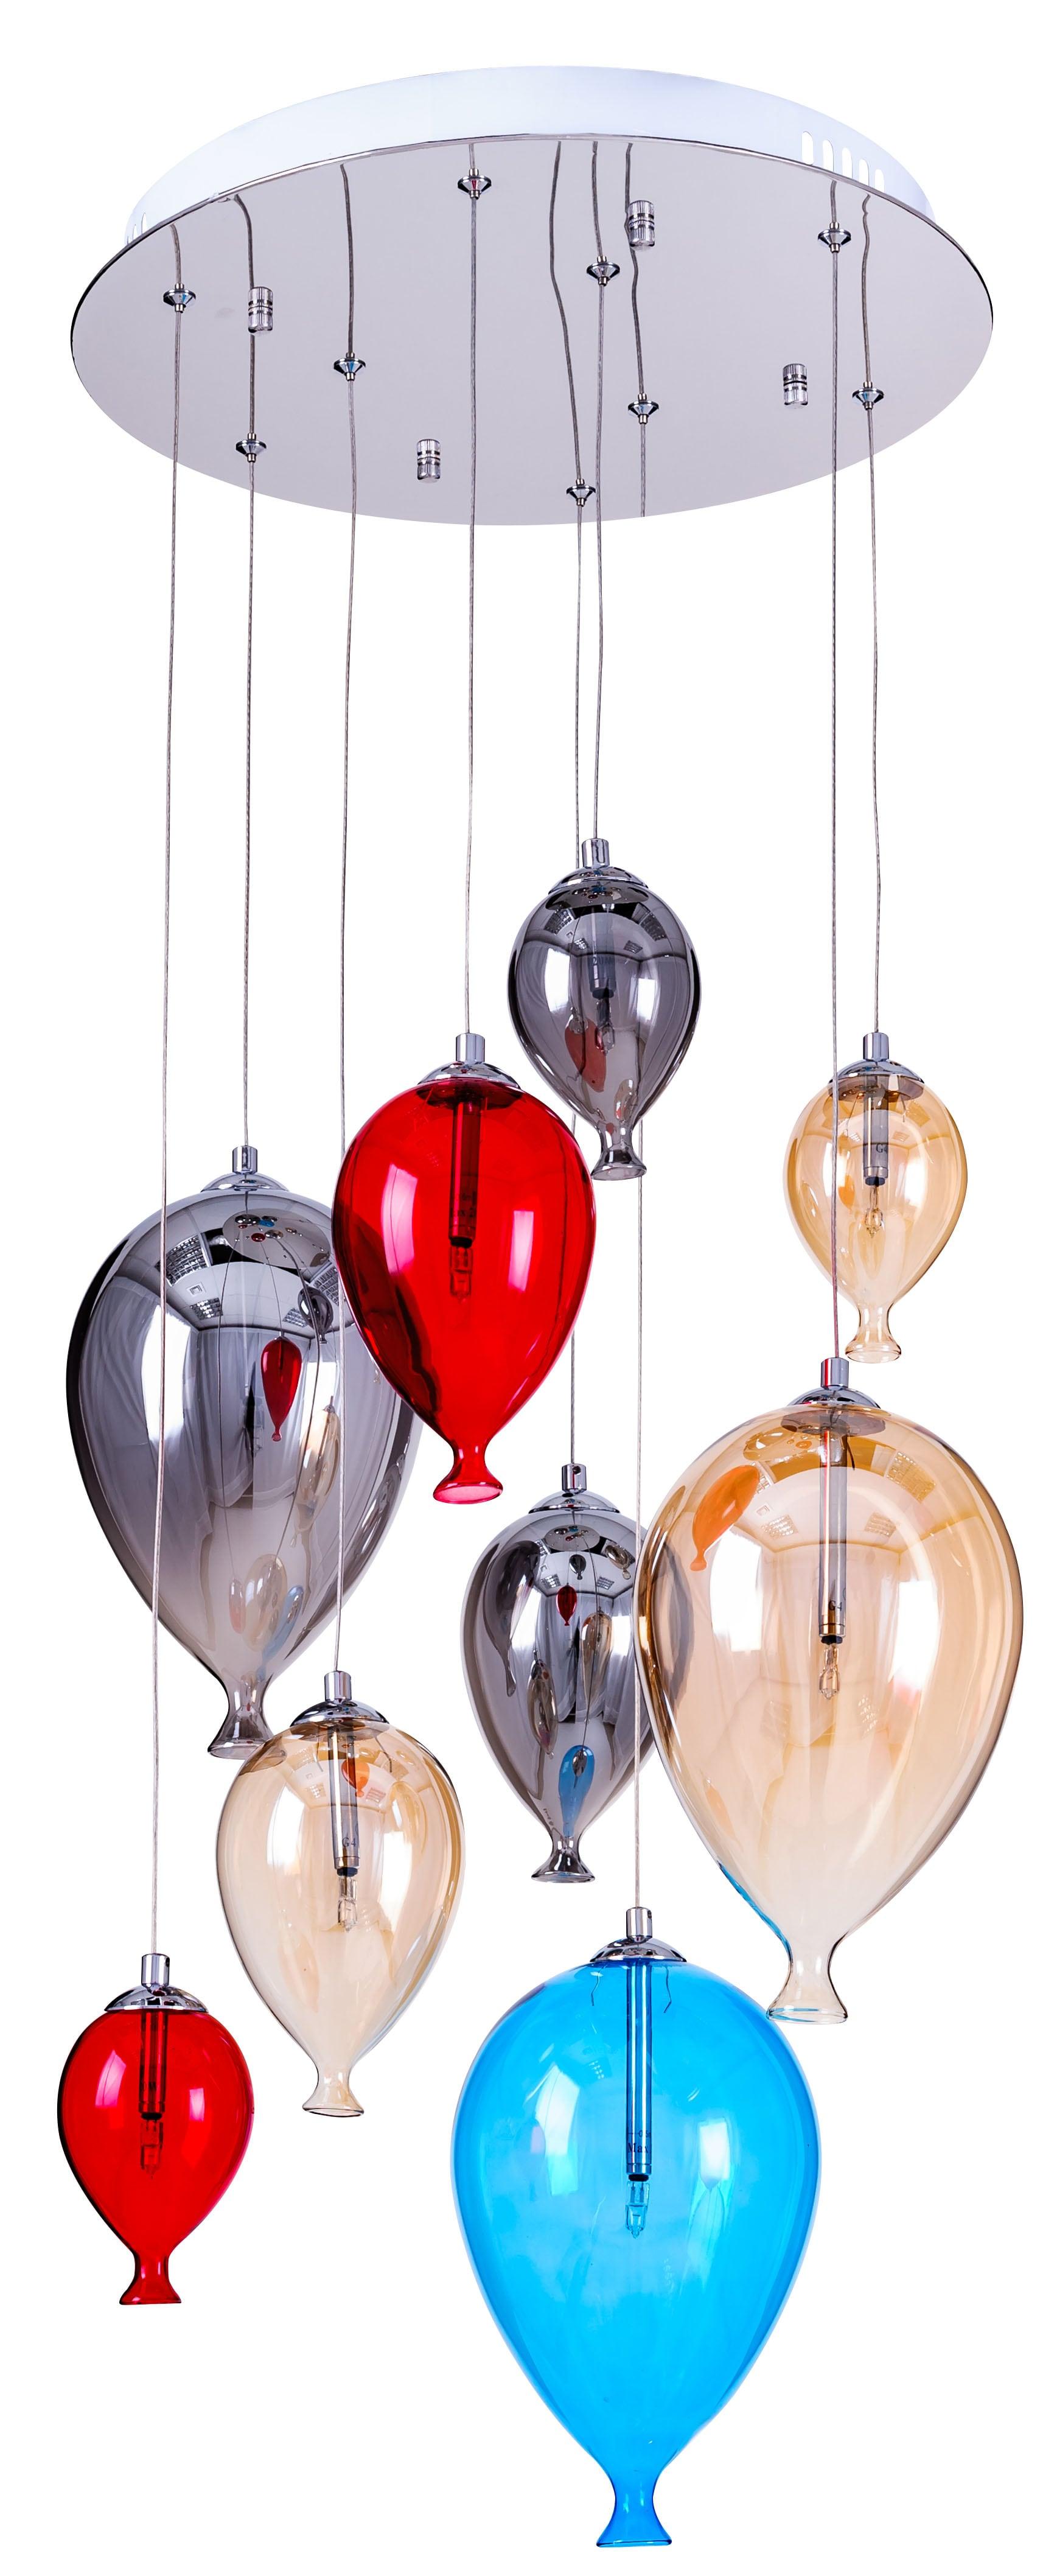 baloane pentru copii pentru lămpi - balon multicolor 160cm / 40cm 9xG4 20W